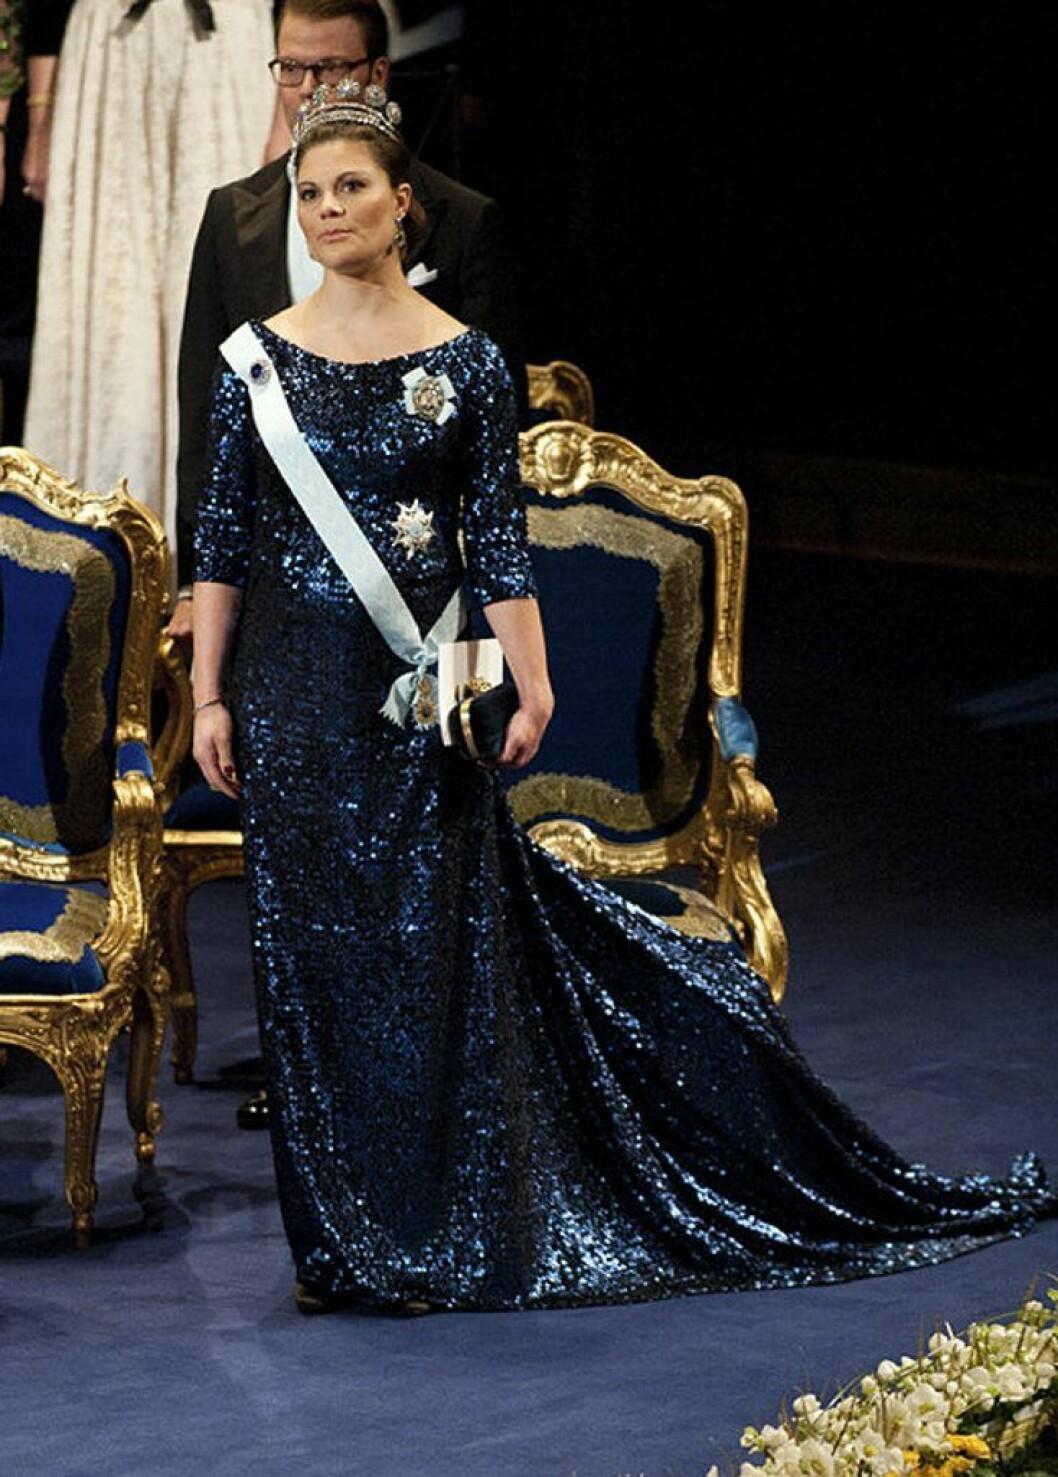 Kronprinsessan Victoria i en glittrig klänning av Pär Engsheden.